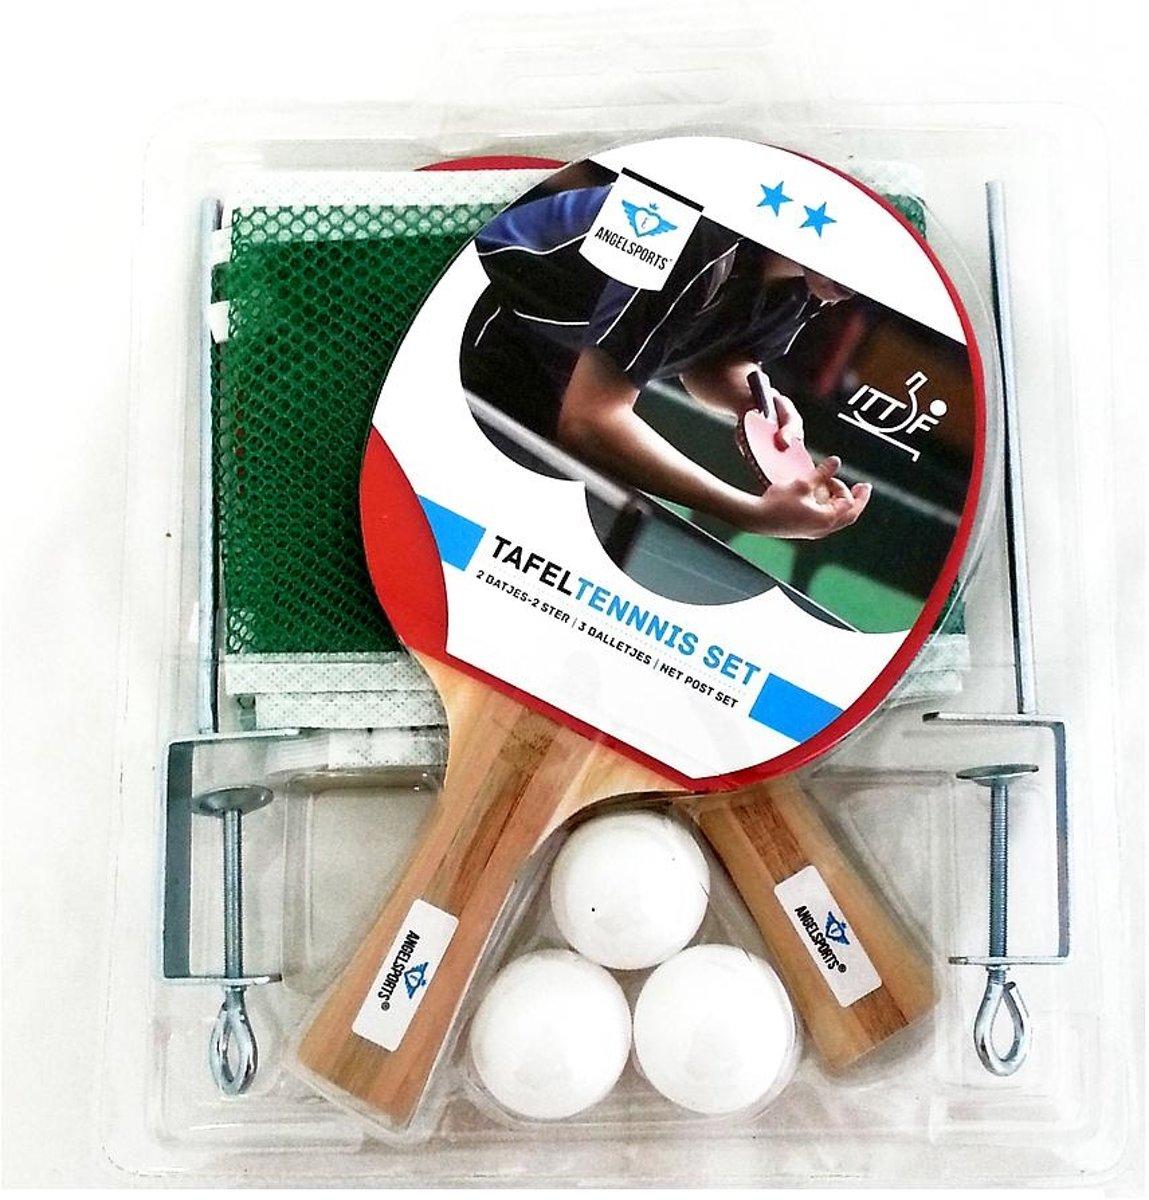 Angel Sports Tafeltennis Set 2 Ster Met Netpost En Ballen kopen